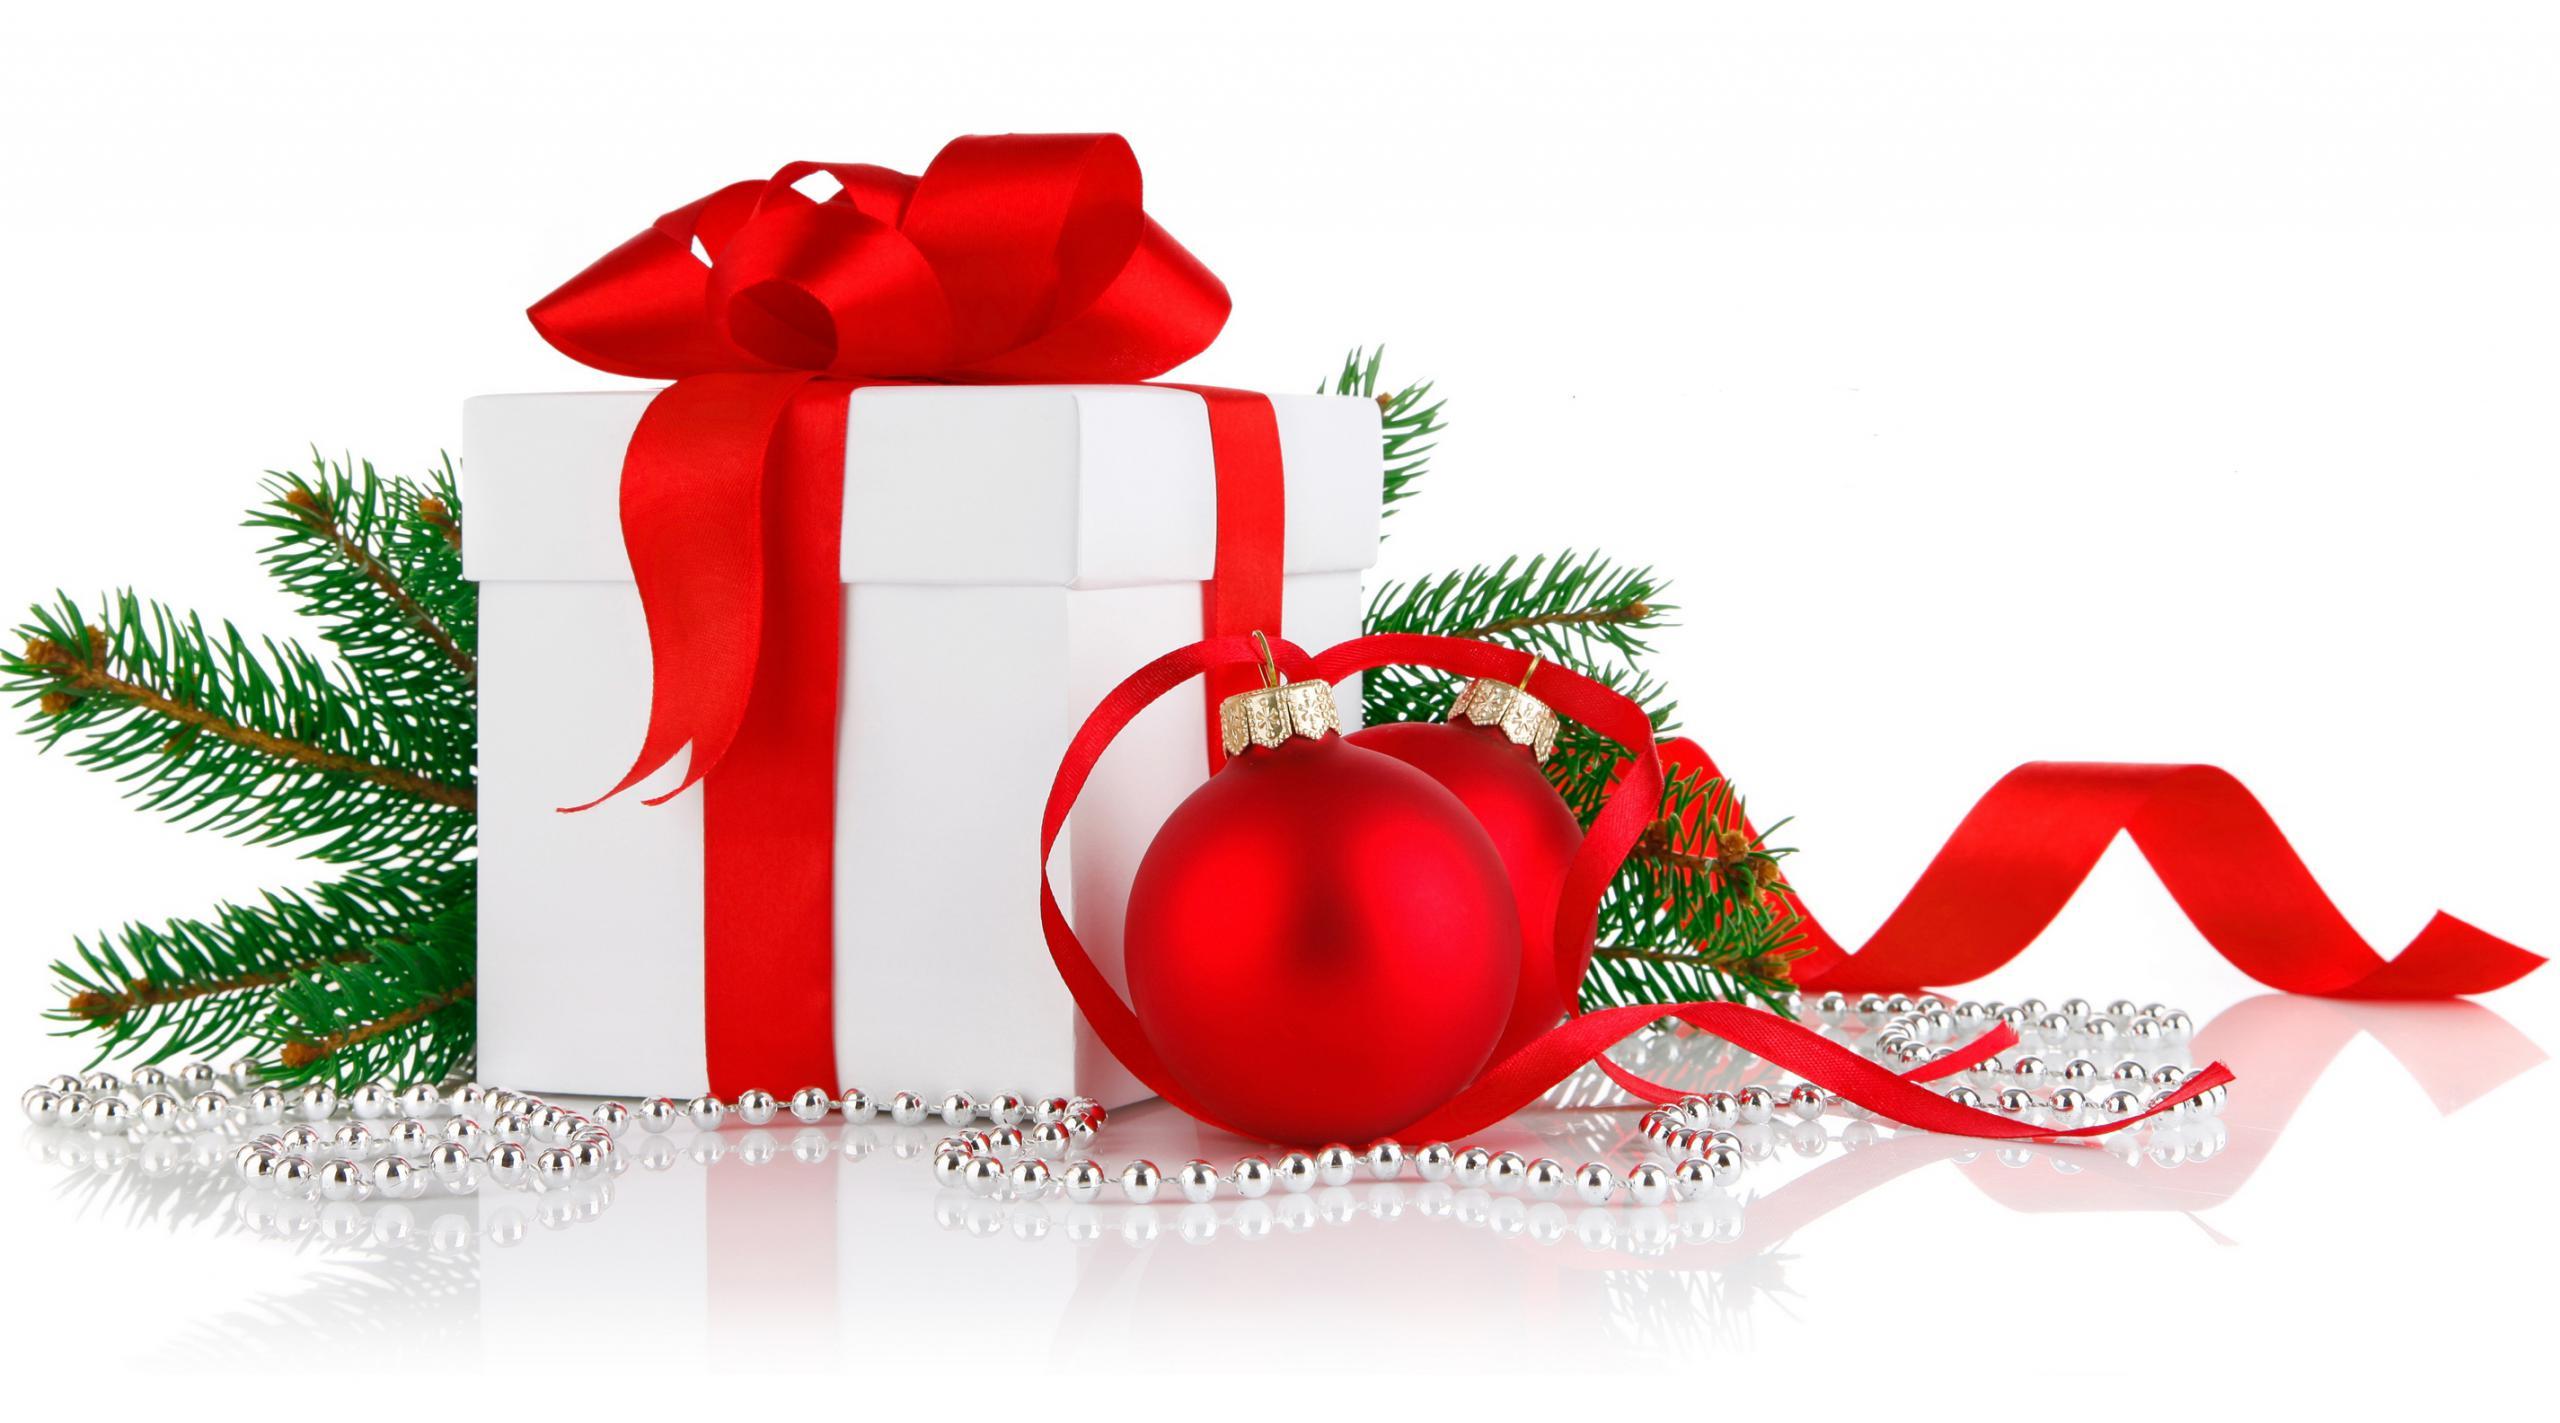 Обои композиция на белом фоне, Красивая рождественская. Новый год foto 9